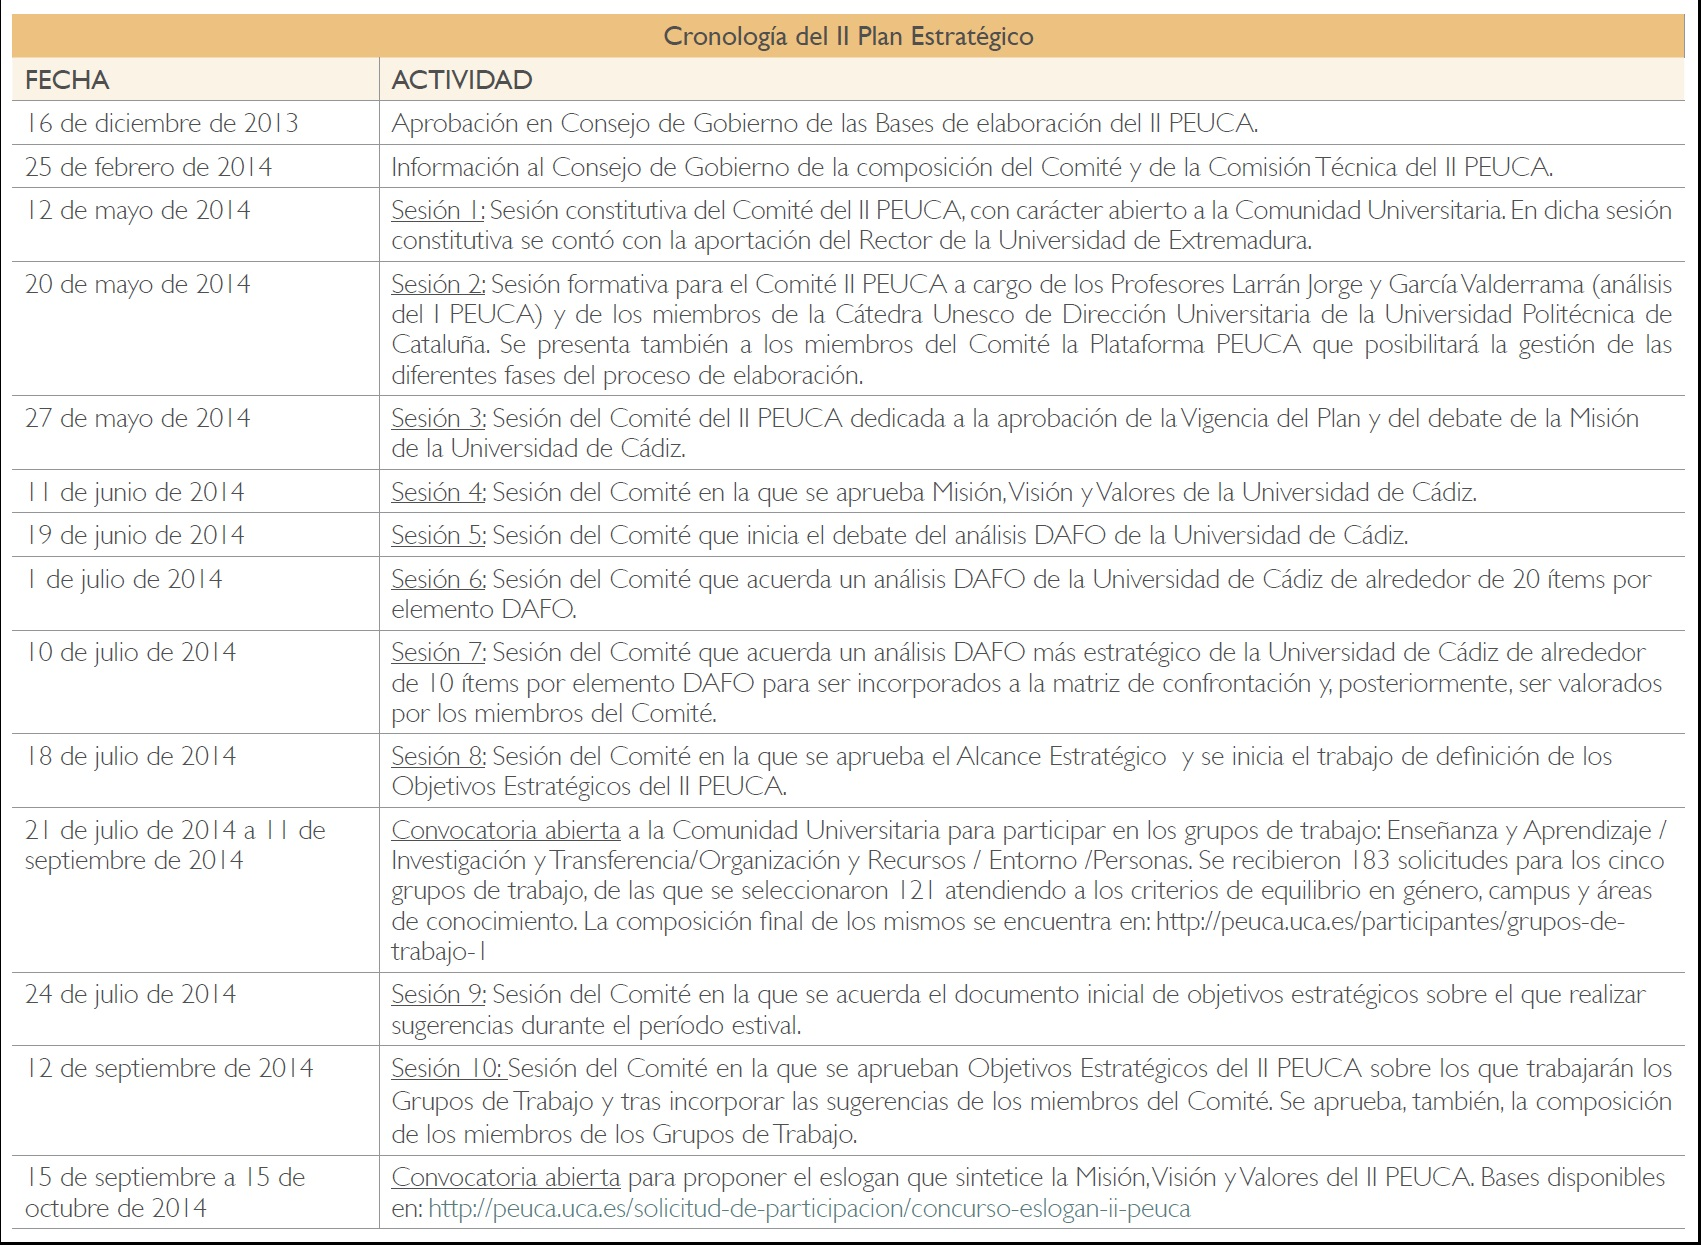 cronologia-1